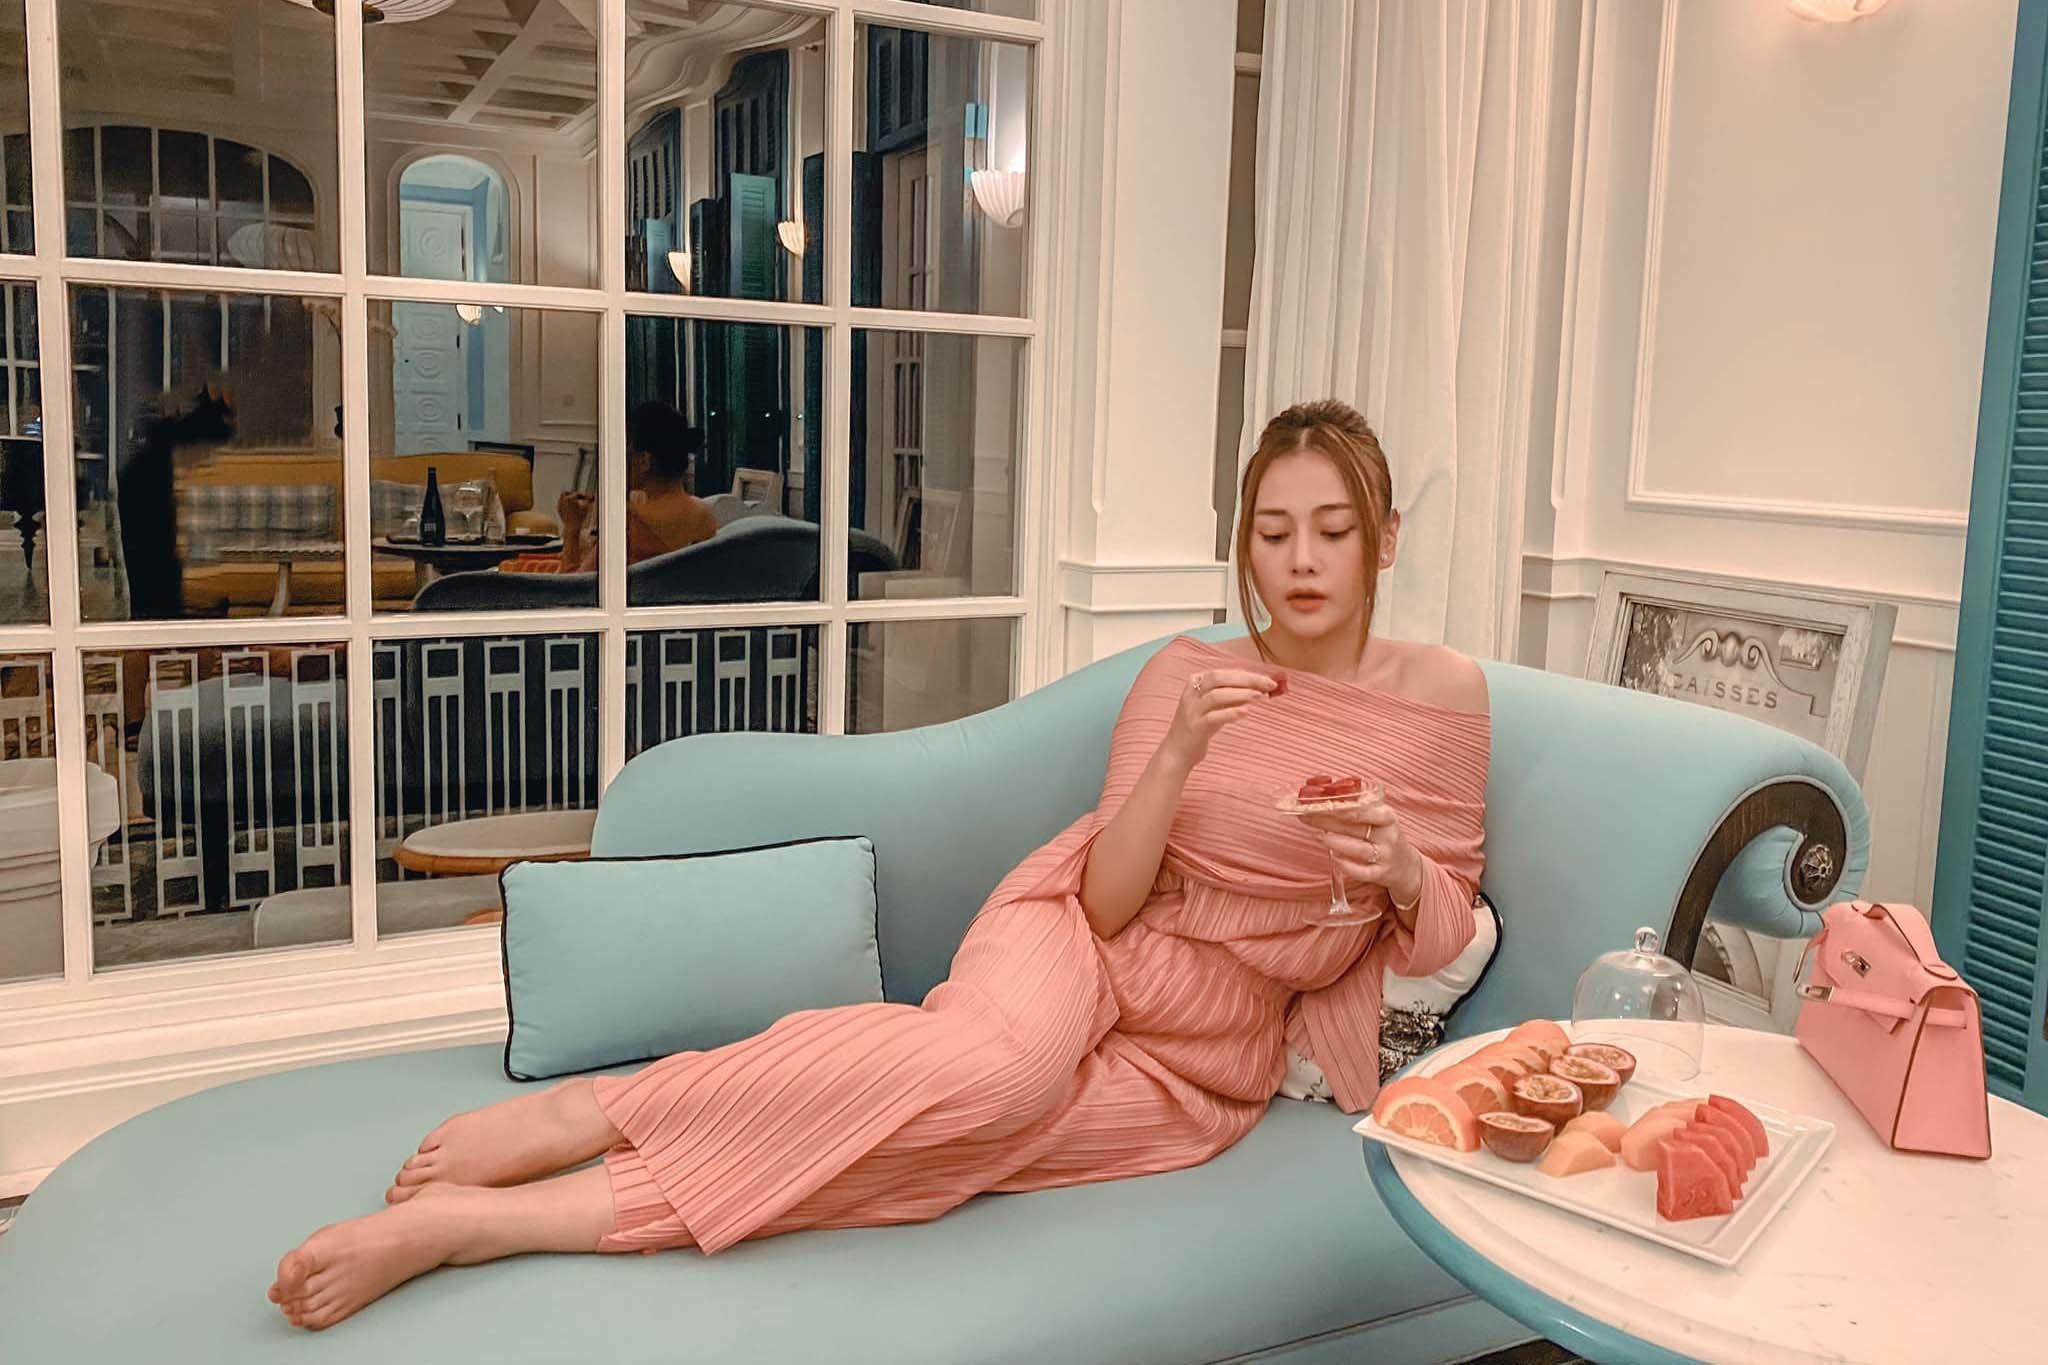 Phương Oanh 'Quỳnh búp bê' tuổi 32 xinh đẹp, nổi tiếng và giàu có